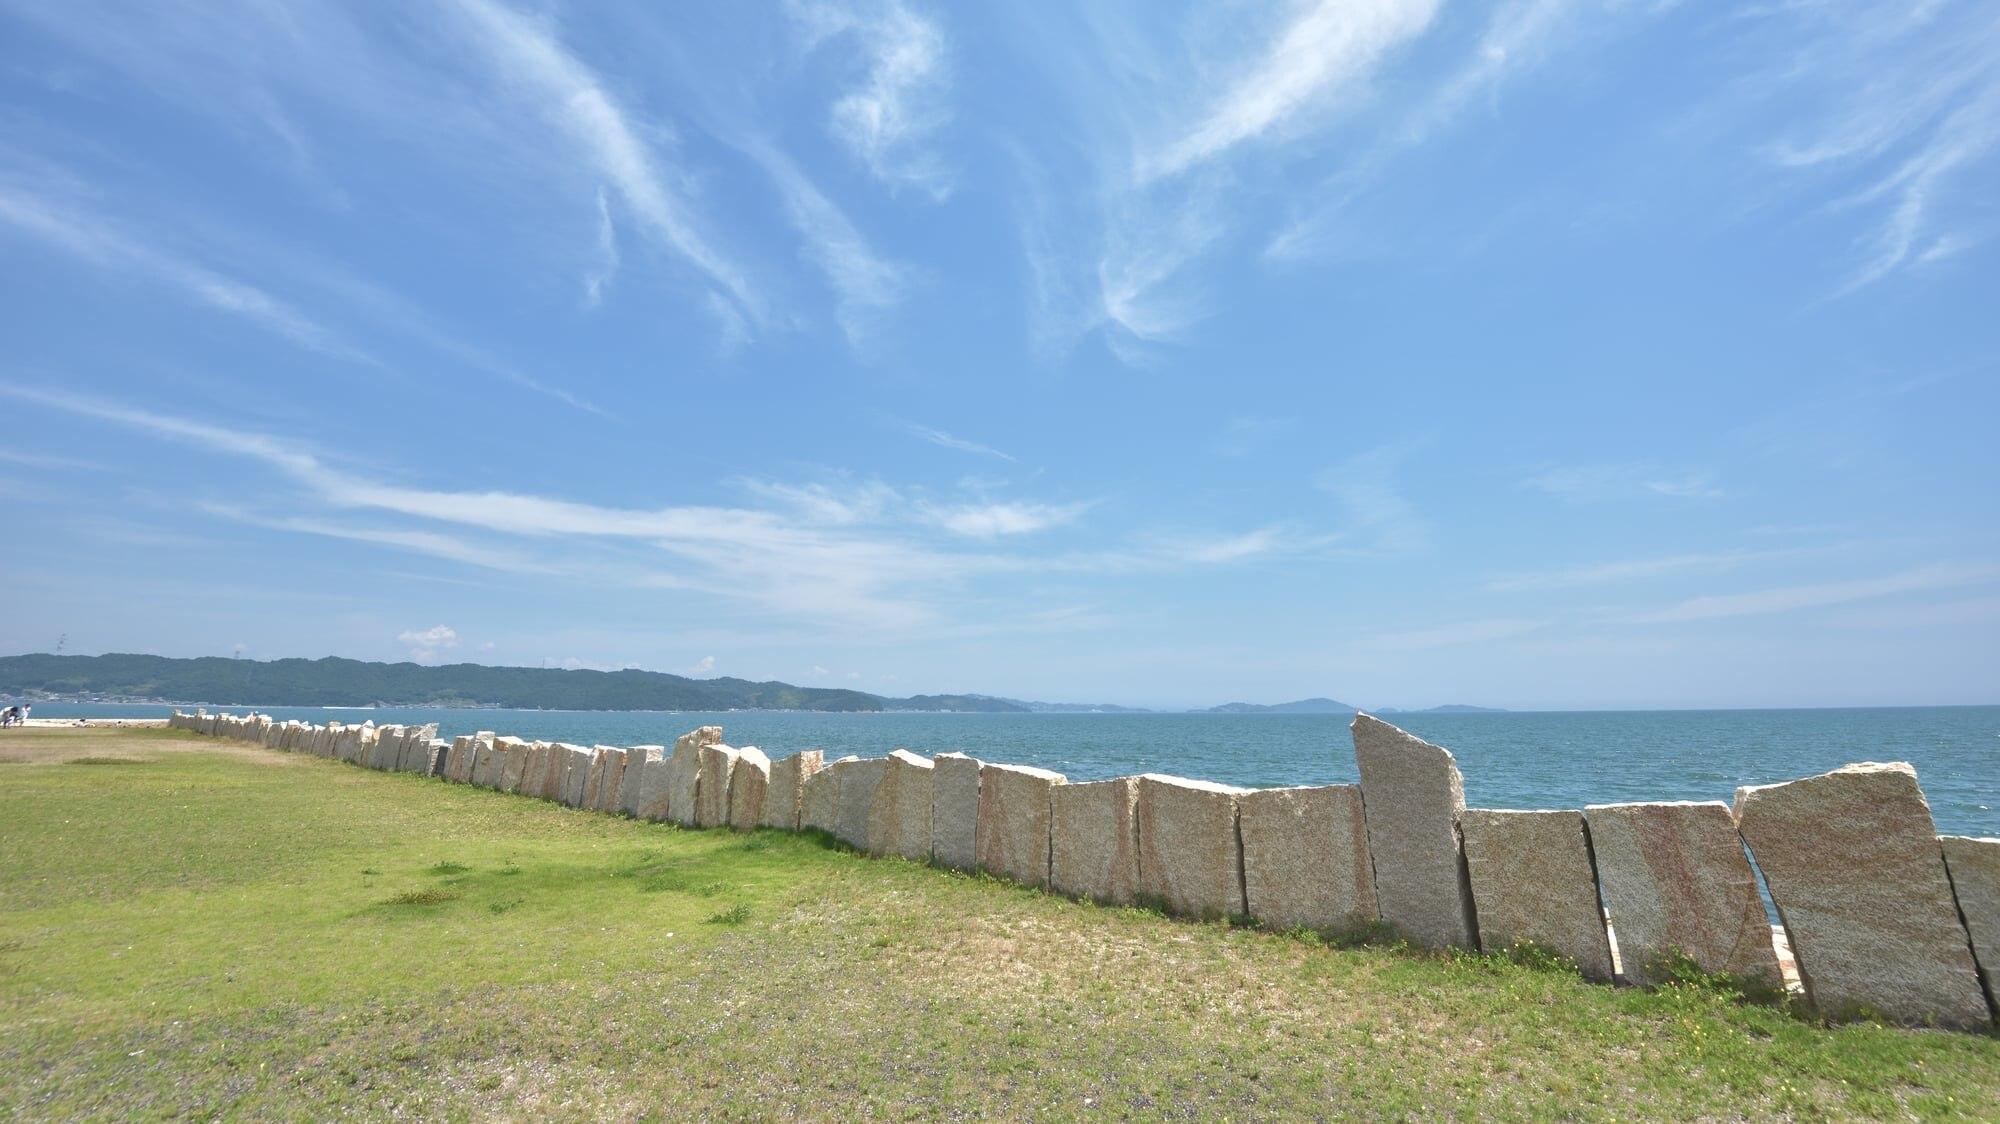 瀬戸内に浮かぶ現代アートの島!犬島で産業遺産と芸術に触れる観光の旅